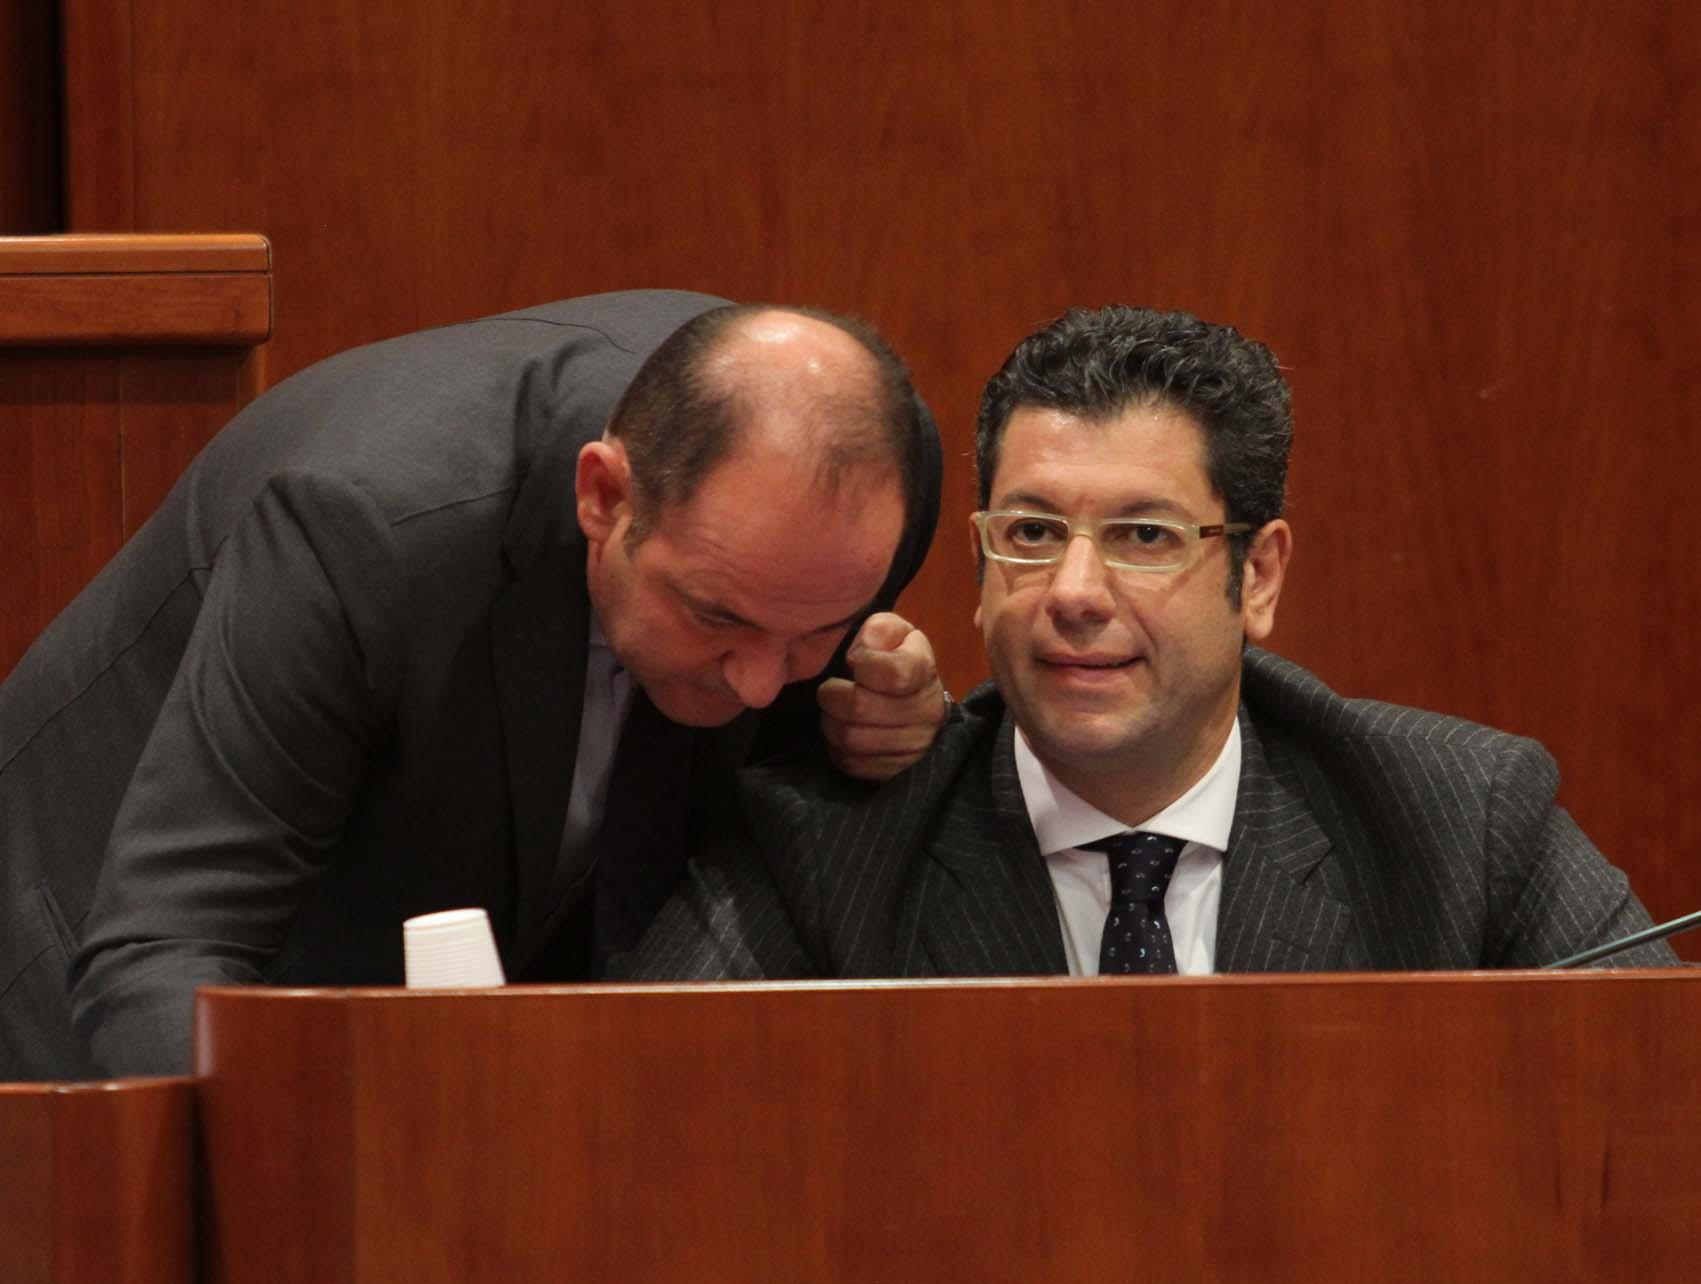 La nuova 'ndrangheta: cupola, affari e politica«Scopelliti e Fuda eletti coi voti delle cosche»Perquisizione anche a casa dell'ex governatore